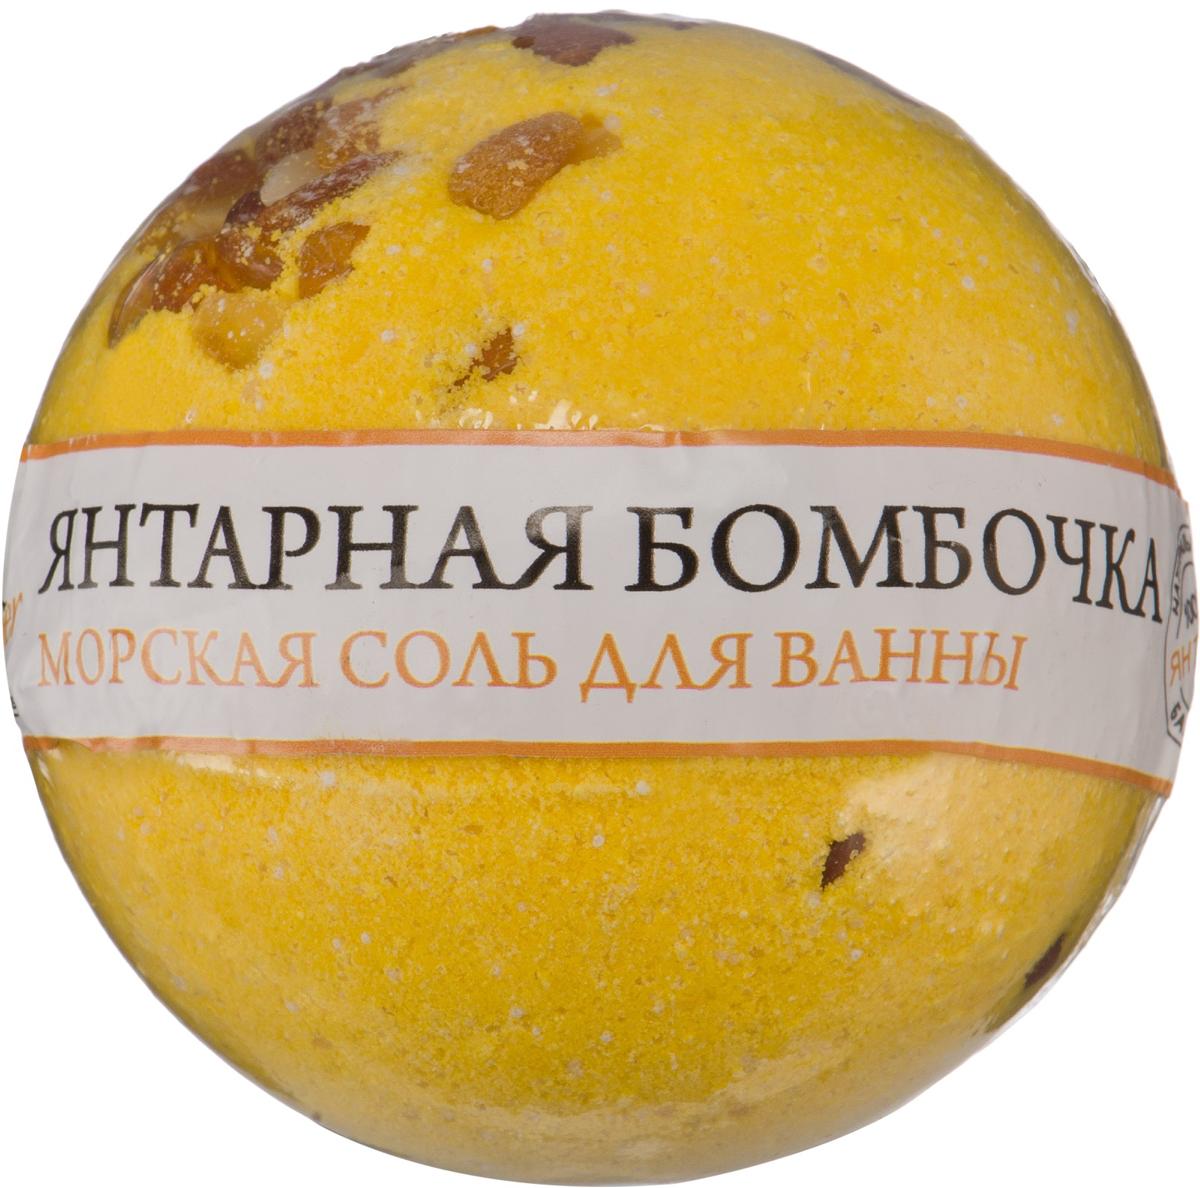 Ambercosmetics Бурлящий шар для ванн, цвет: желтый, 120 г2000000147277Янтарная бомба наполнит вашу ванную восхитительными и вдохновляющими фруктовыми ароматами. Морская соль смягчит воду, наполнив ее целой россыпью полезных микроэлементов. Лечебное и омолаживающее действие янтарной кислоты будет усилено за счет ее глубокого проникновения через распаренные кожные железы. И все это под завораживающее бурление и извержение маленьких янтариков, стремящихся к поверхности воды. Полный состав: Бикарбонат натрия, лимонная кислота, сухое молоко, натрий алкиларил сульфонат, соль морская, балтийский янтарь, сорбитол, соевое масло, парфюмерная композиция, пищевой краситель.